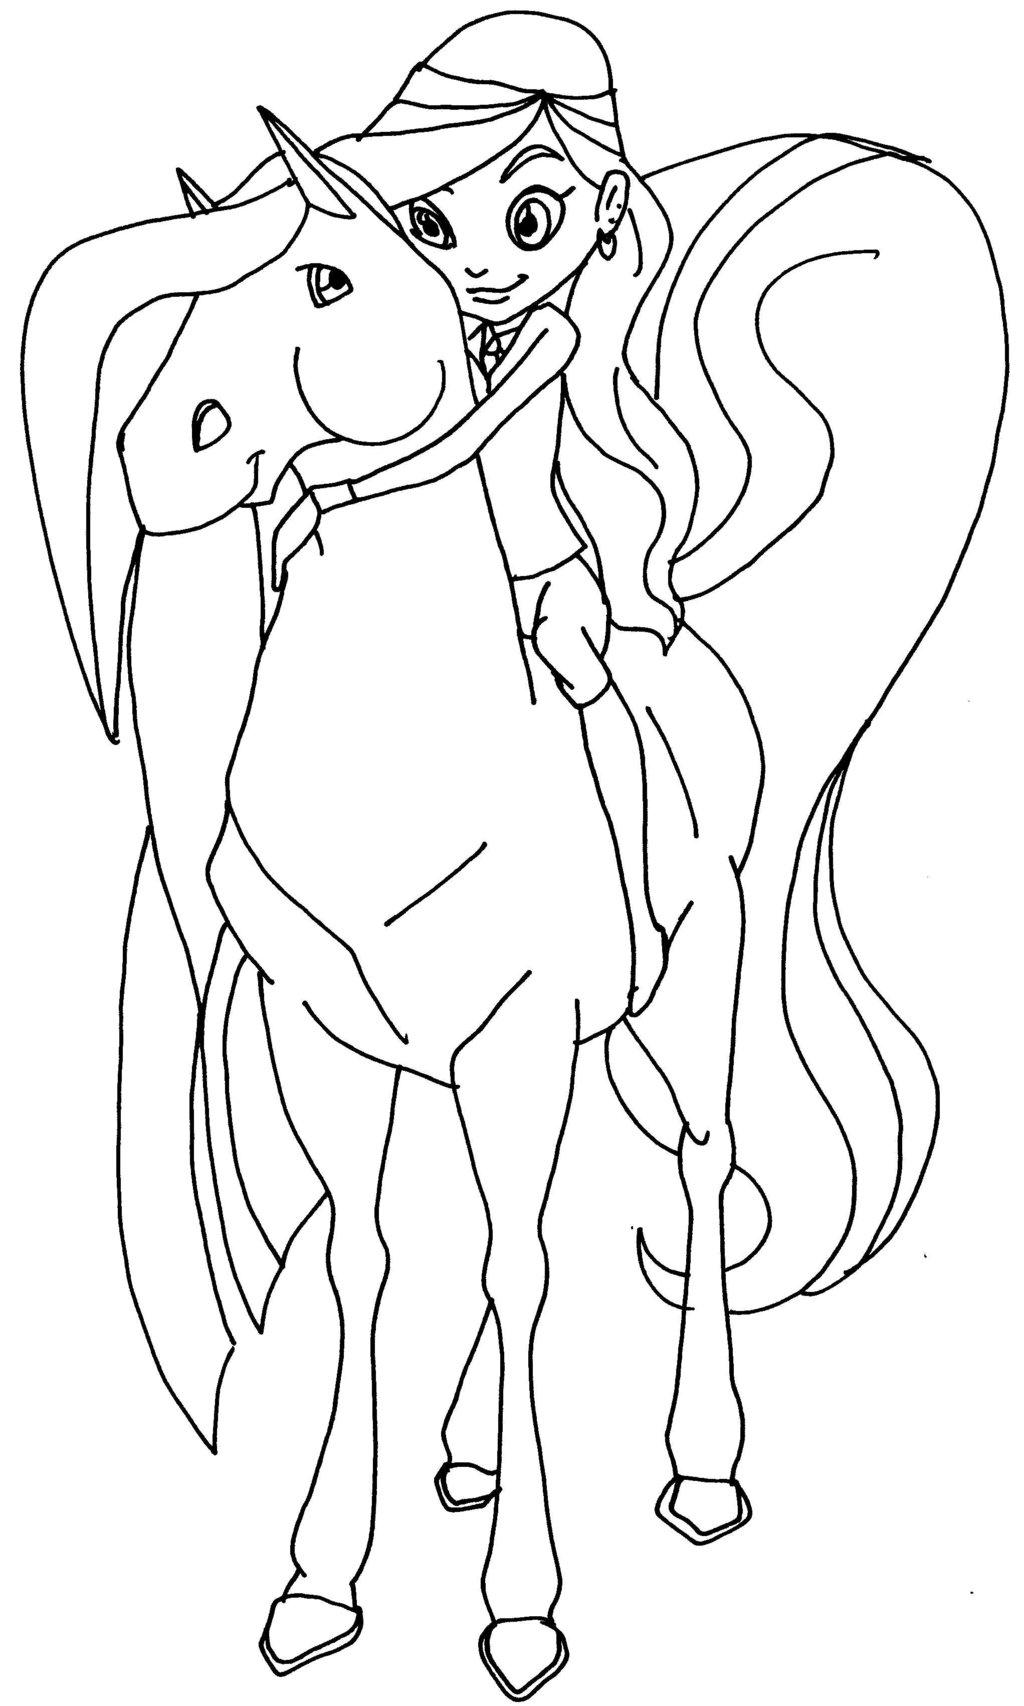 Coloriage horseland gratuit - dessin a imprimer #70